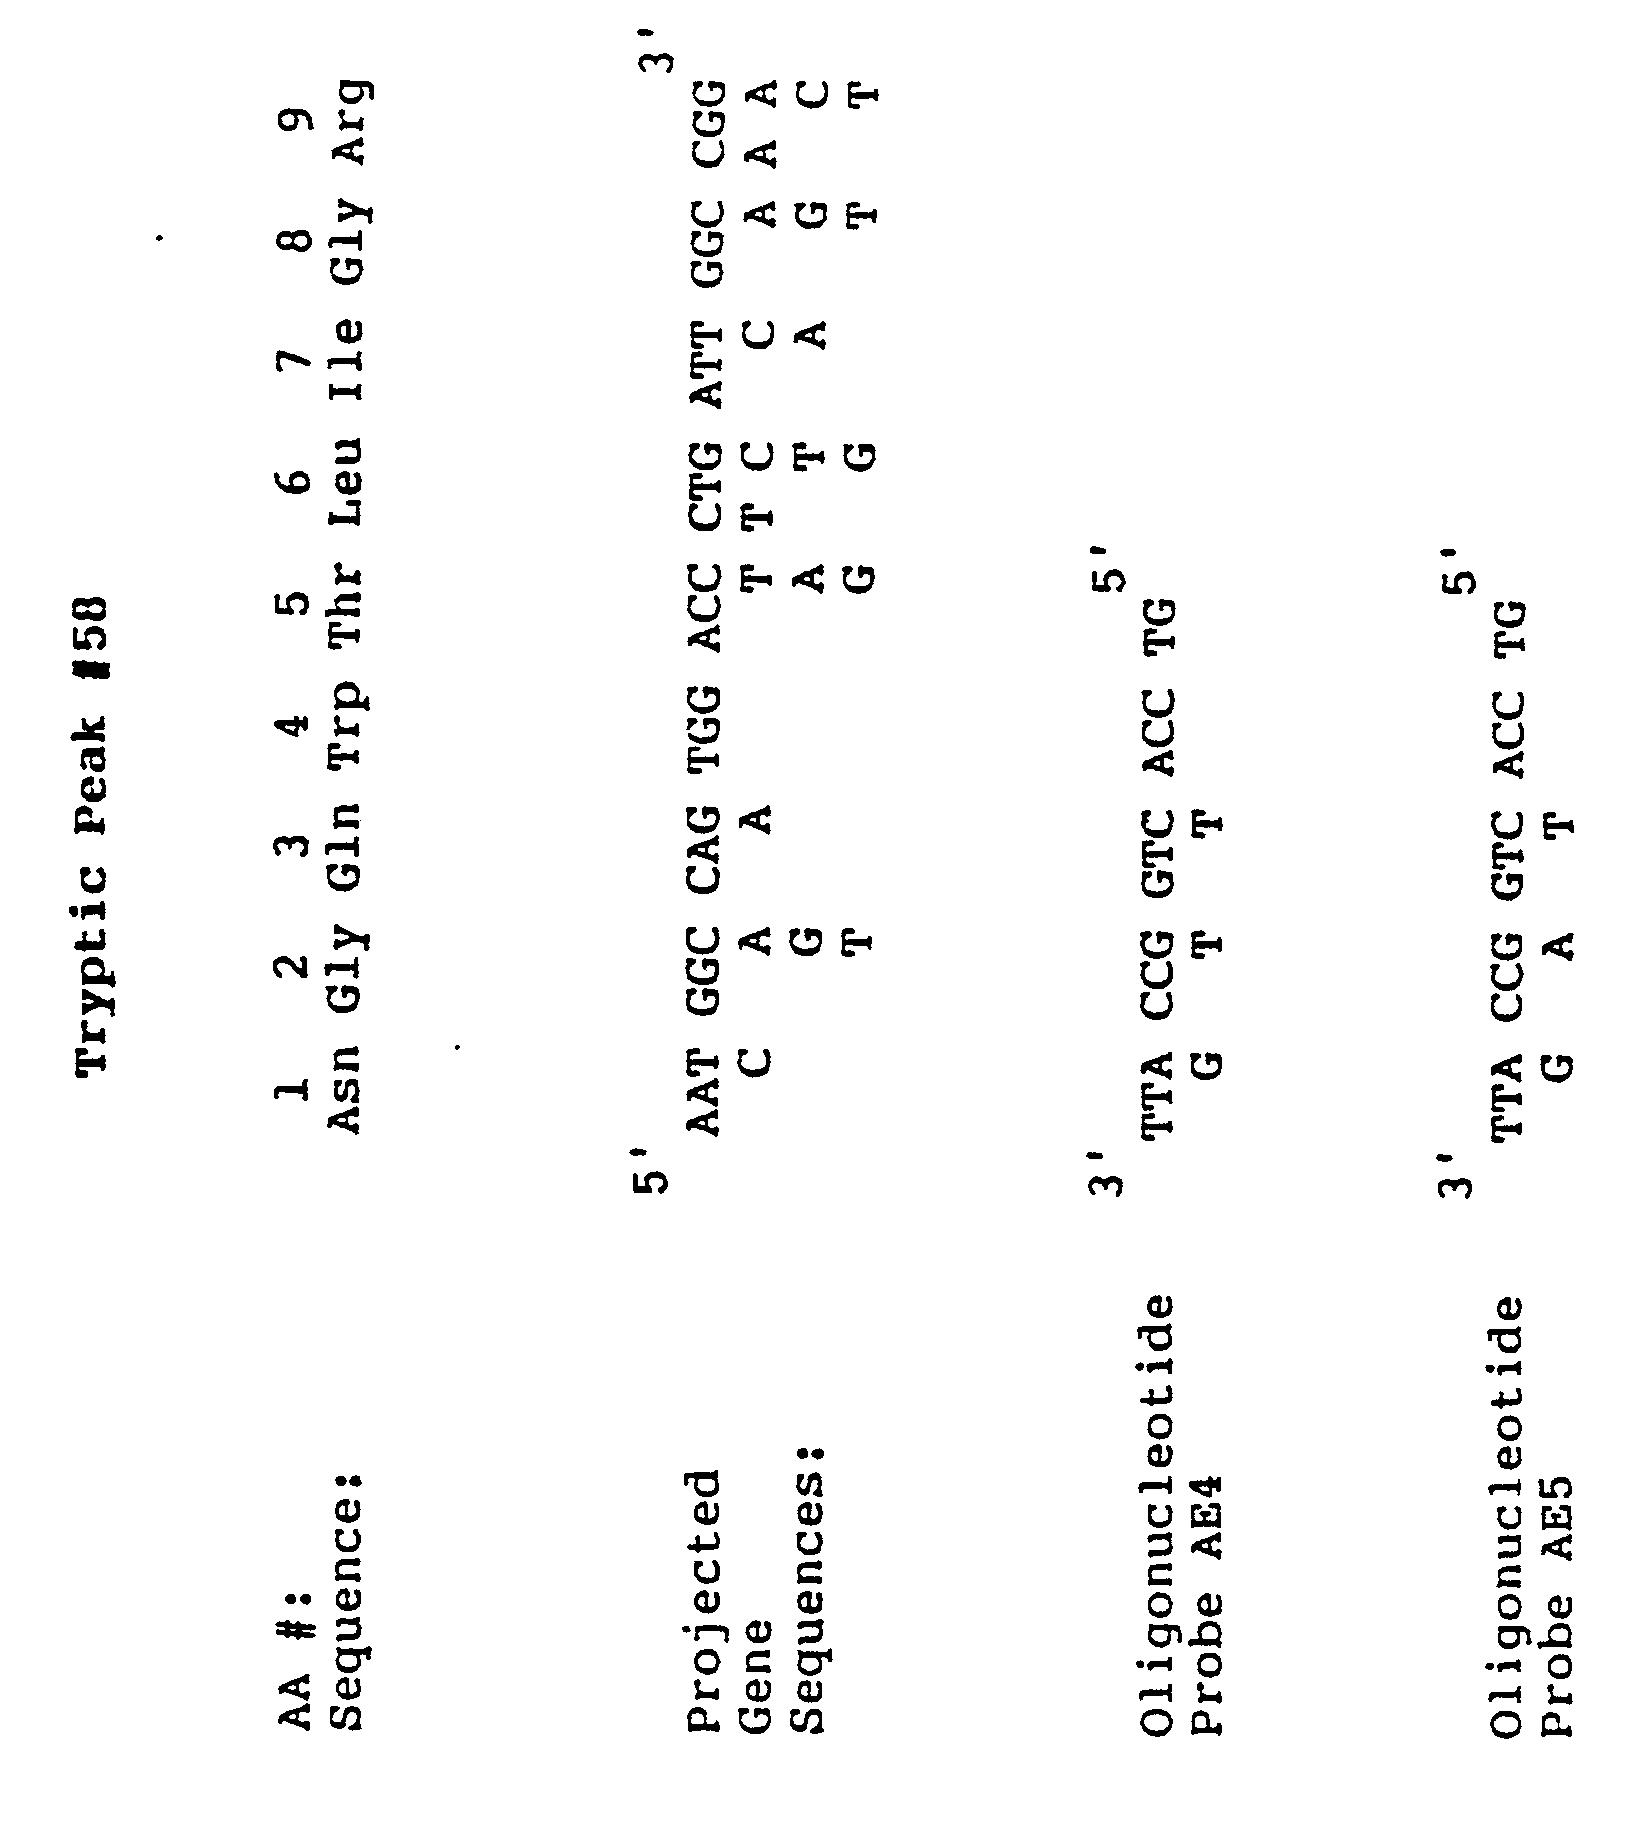 Peptidylglycine alpha-amidating monooxygenase antibody titers